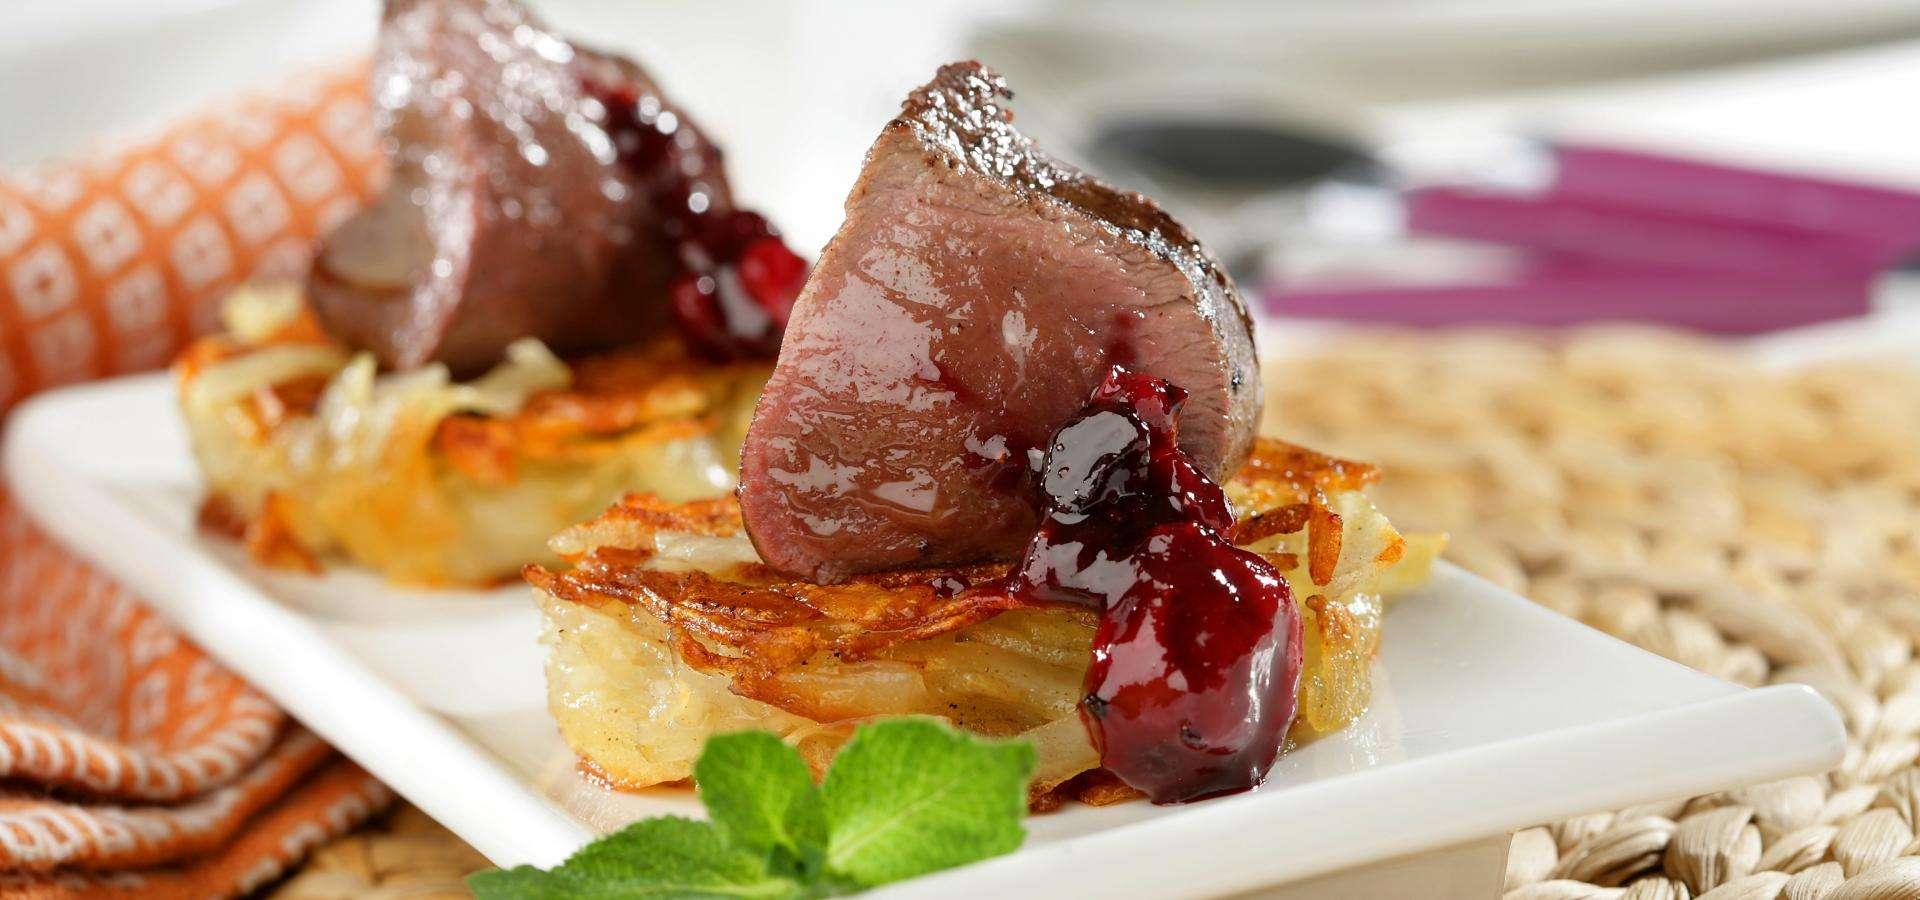 Solomillo de ternera asada sobre 'rosti' de patata